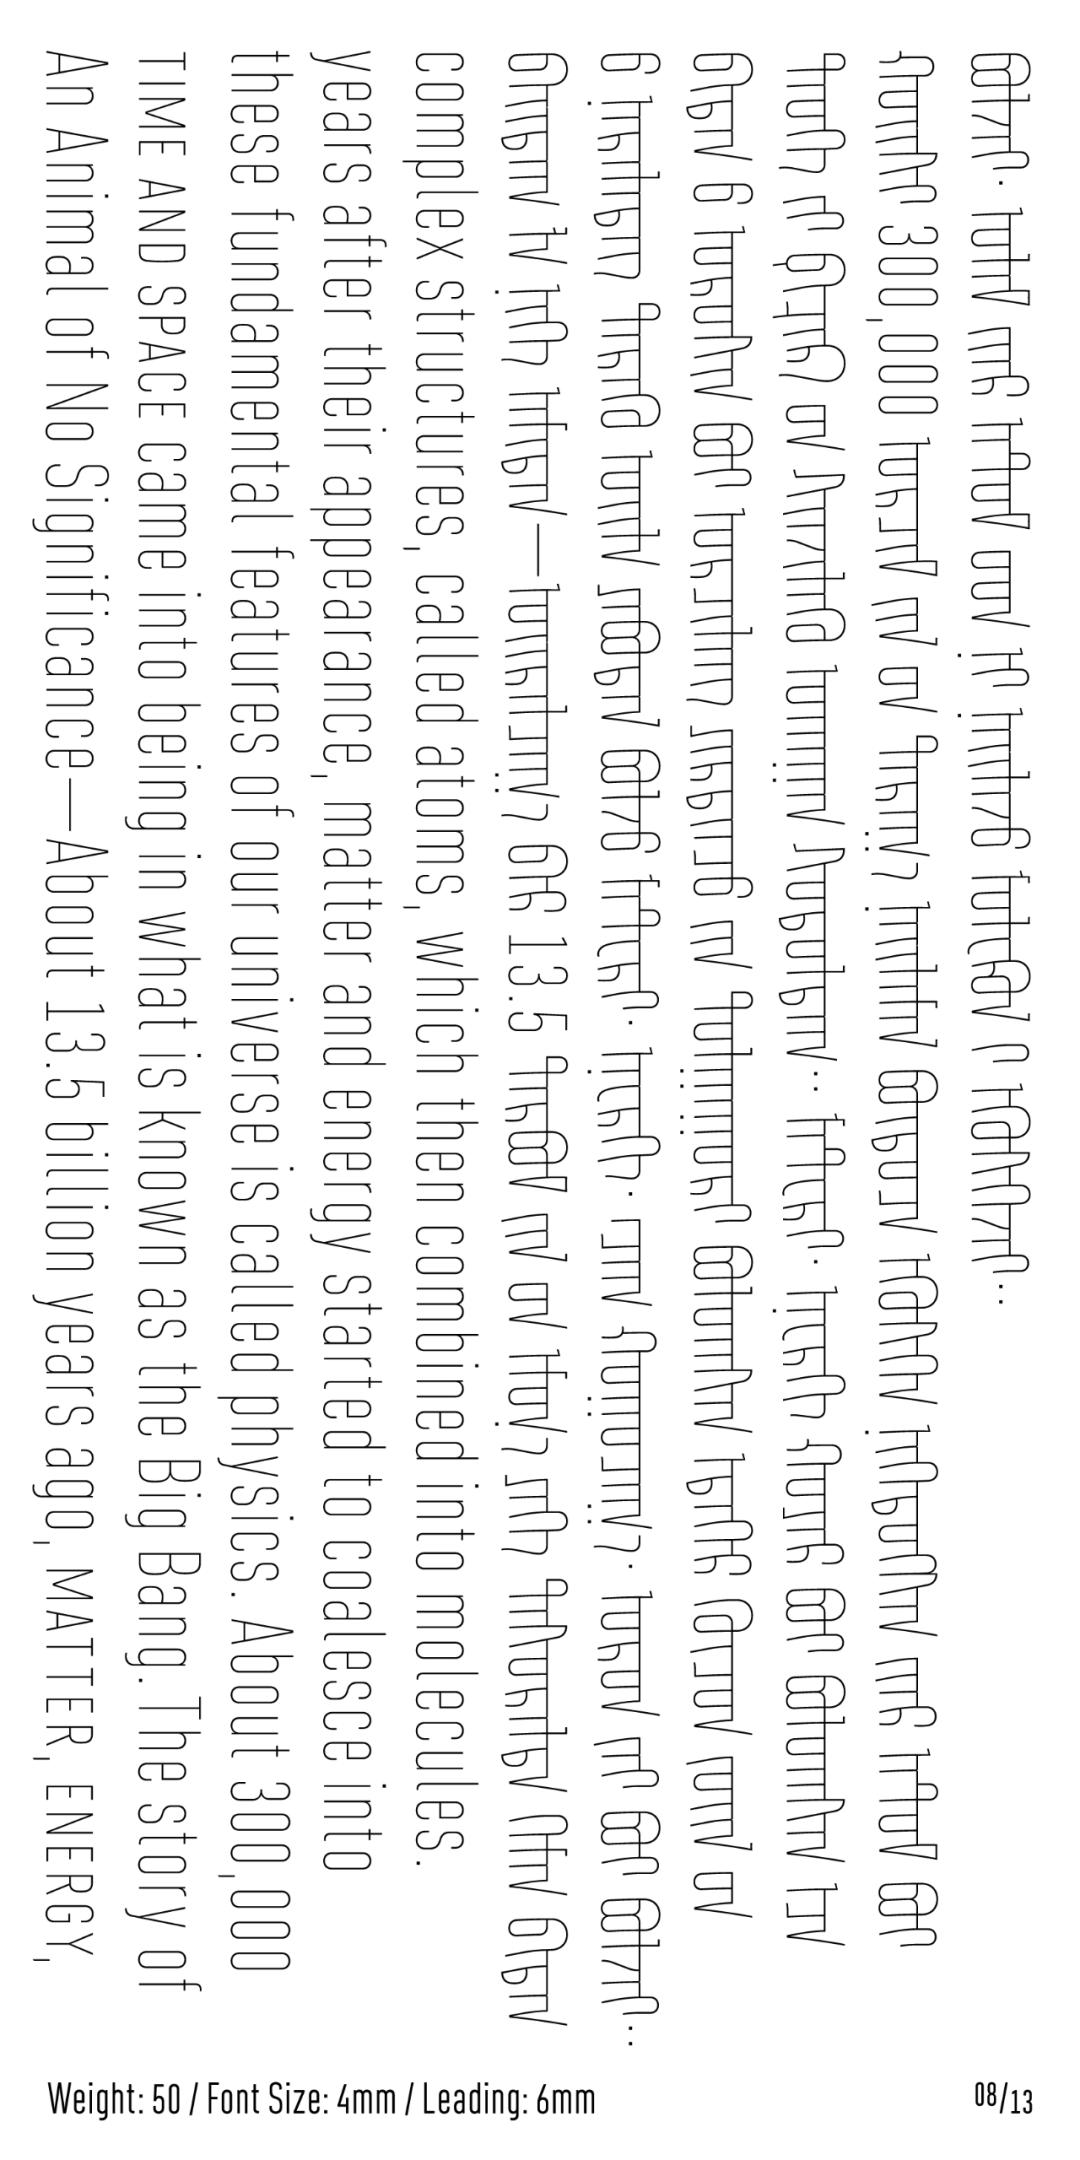 几何风格蒙古字体 Ailognom™ 第12张